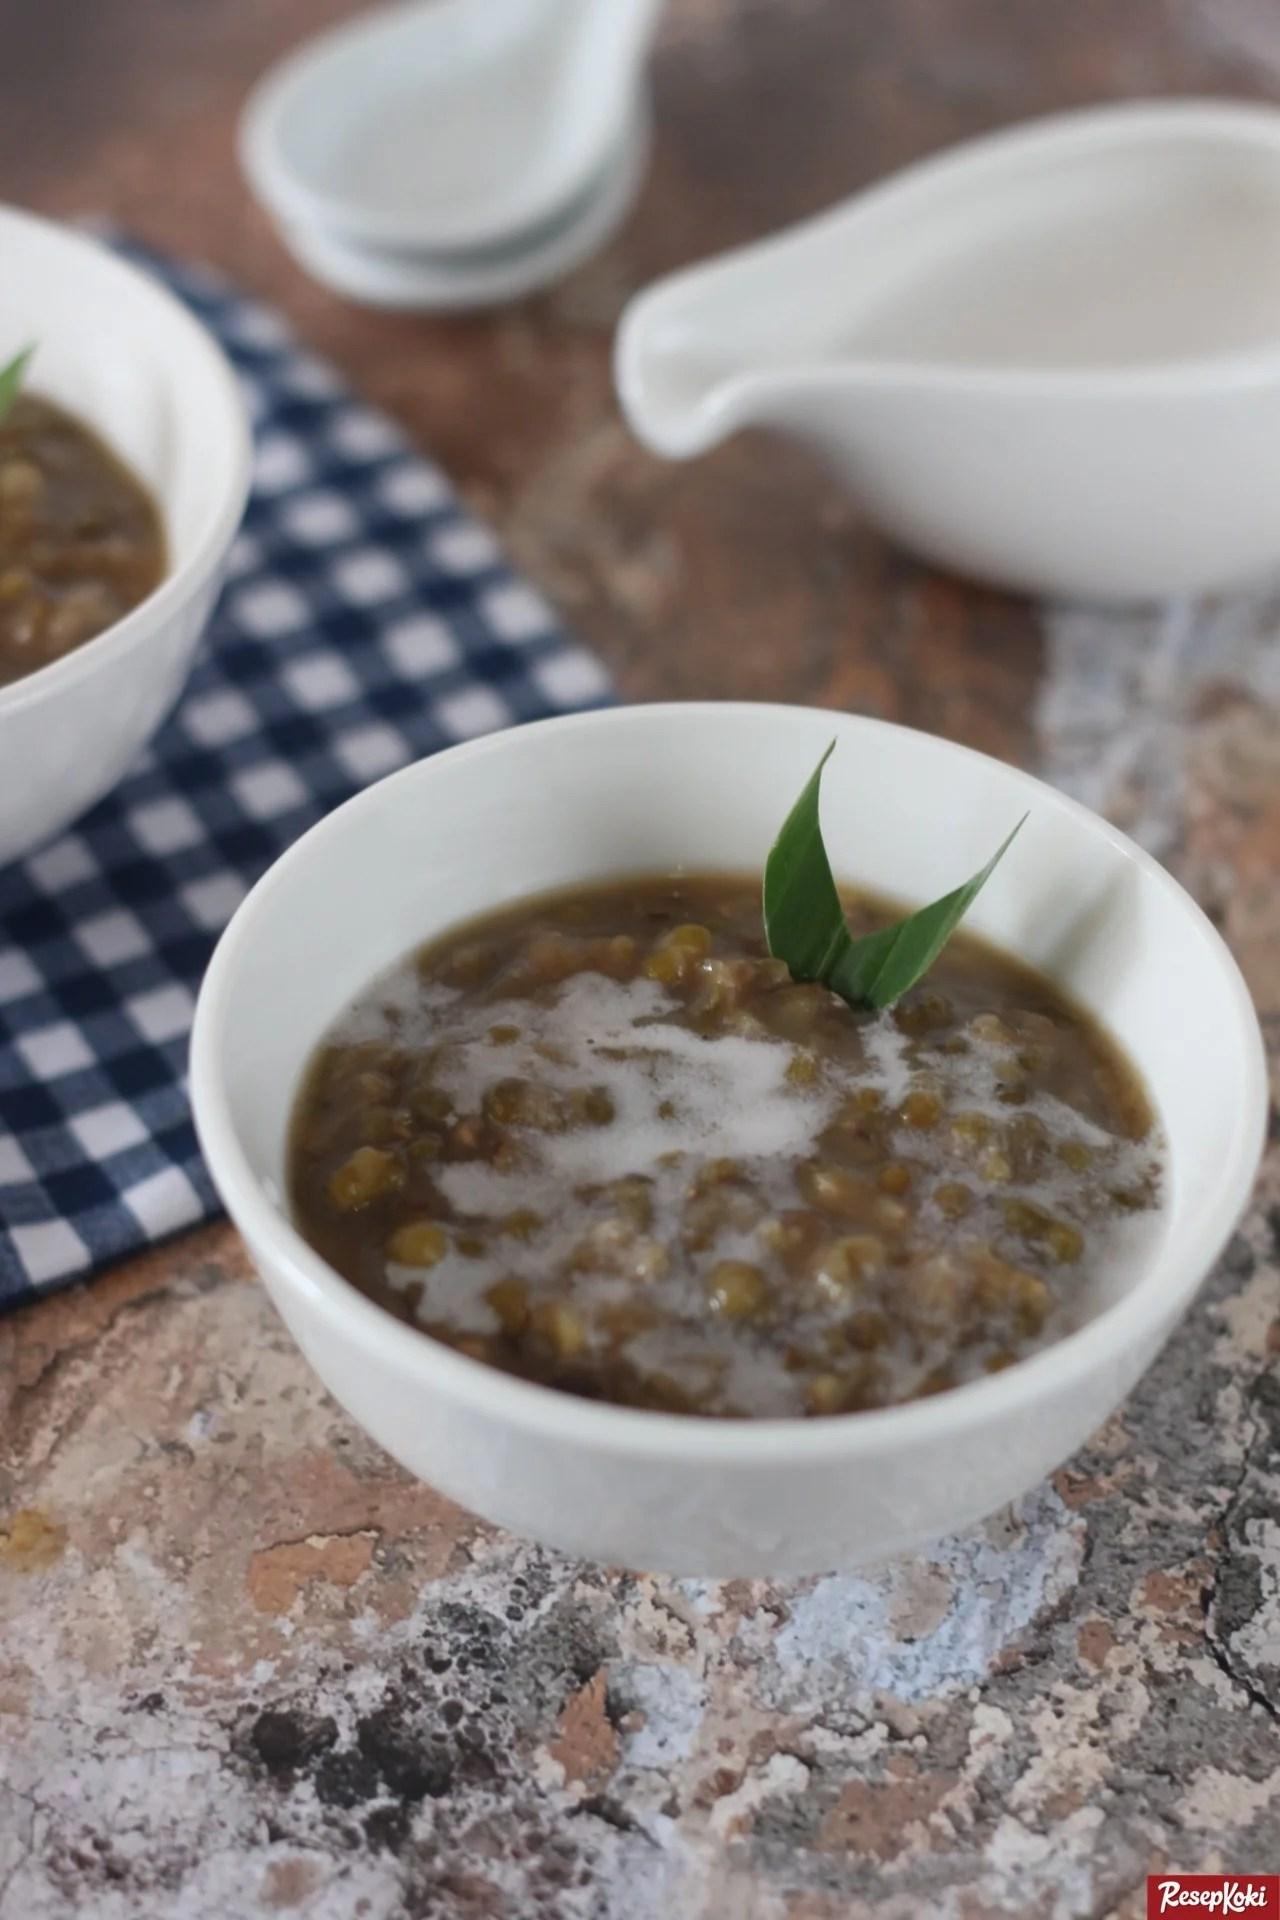 Resep Bubur Kacang Hijau Ncc : resep, bubur, kacang, hijau, Bubur, Kacang, Hijau, Madura, Praktis, Resep, ResepKoki